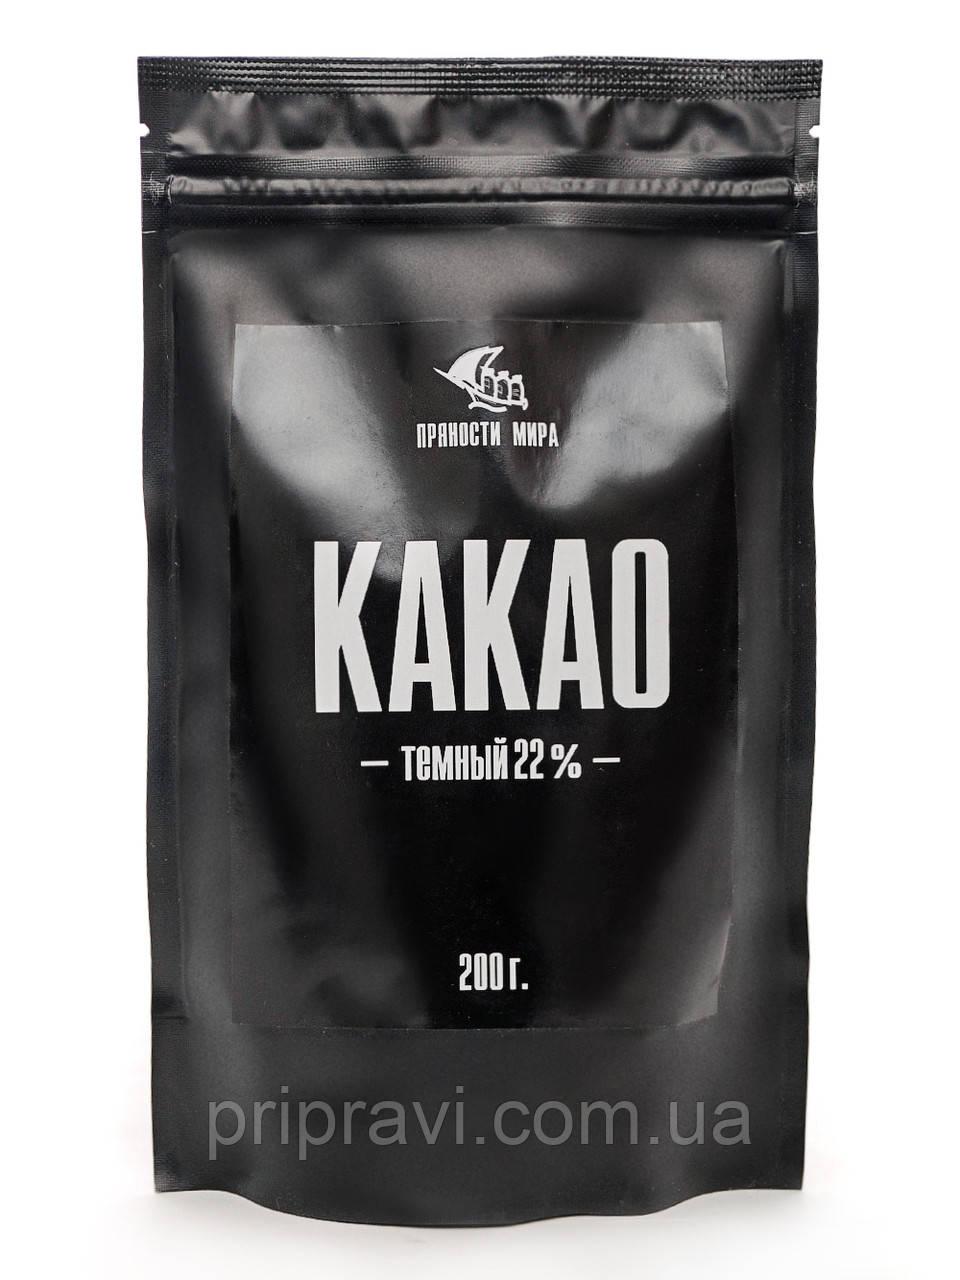 """Какао темный 22% """"Пряности мира"""", 200 г."""